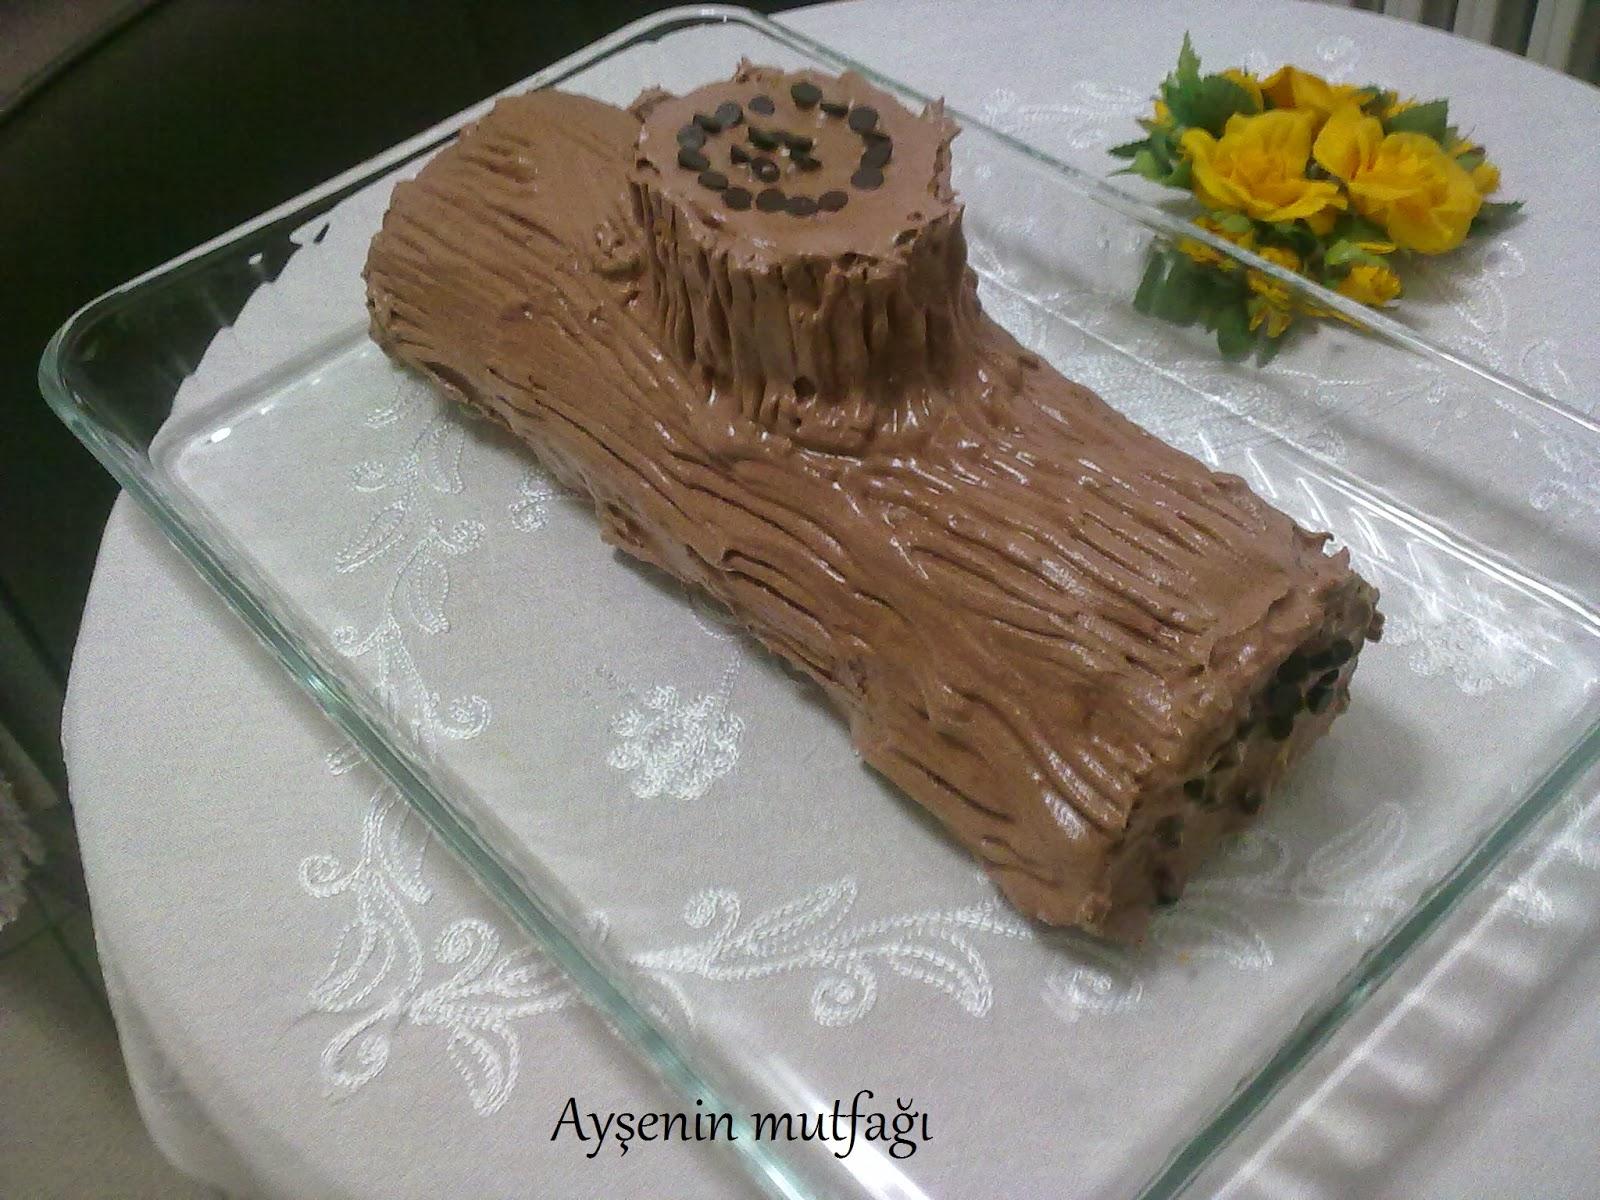 Yılbaşı Menüsü ve Yılbaşı Ekmeği